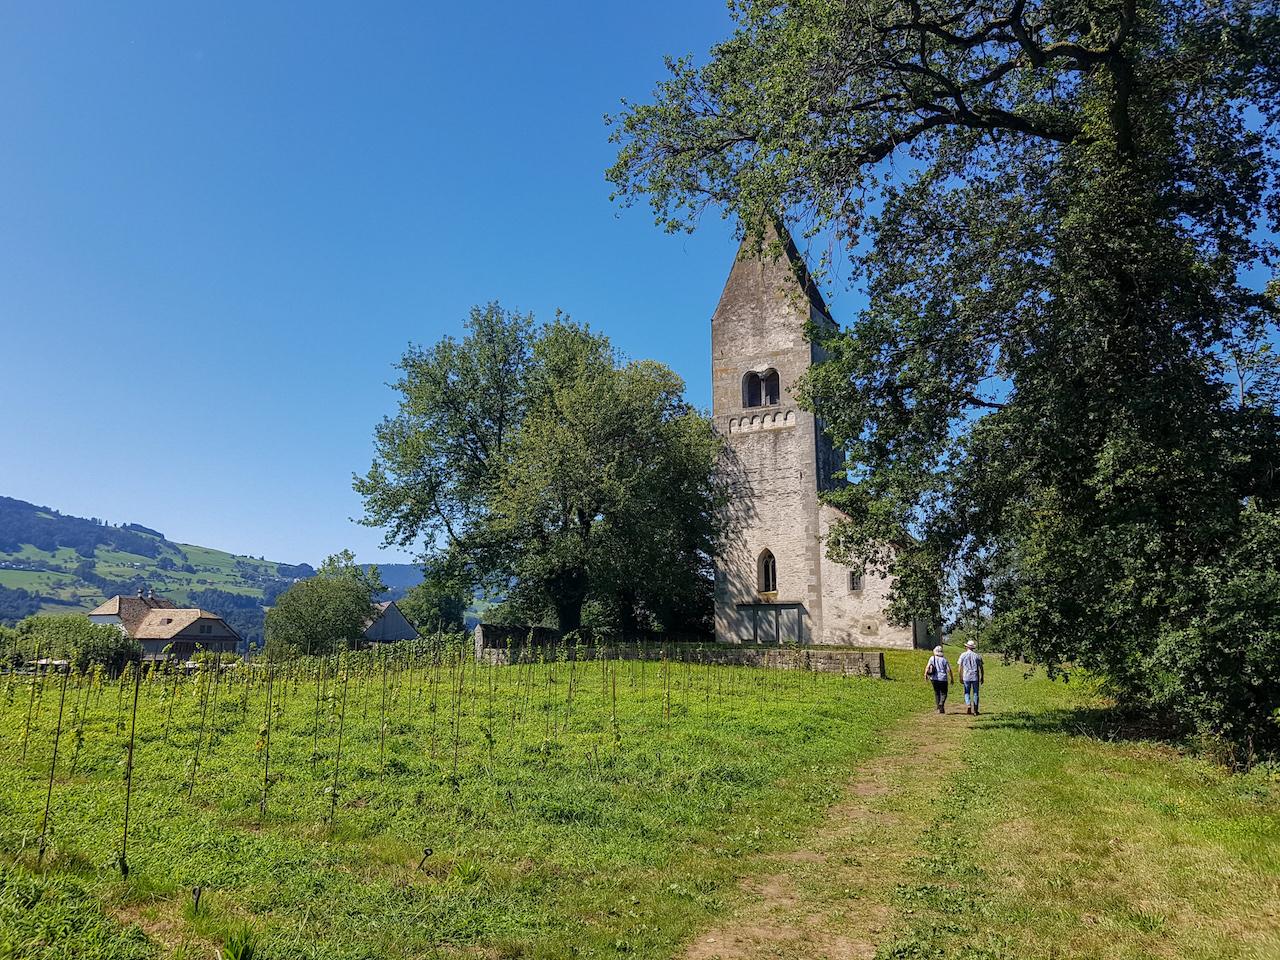 Meine liebsten Ausflugstipps ab Zürich